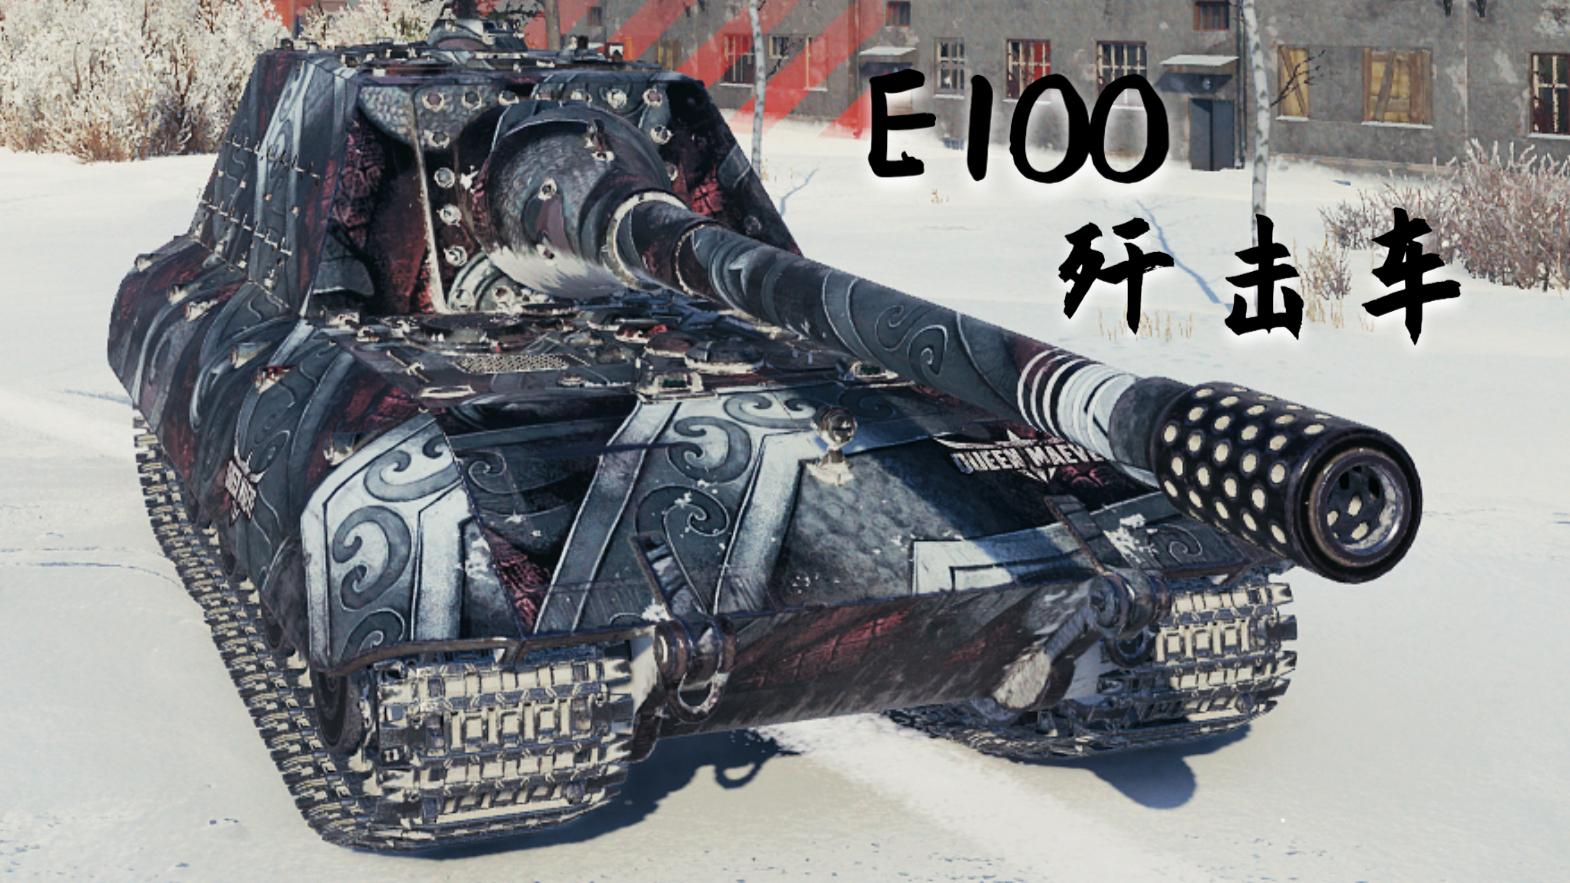 【坦克世界】E100坦克歼击车:9杀 - 1万2输出,女王战车(哈尔科夫)